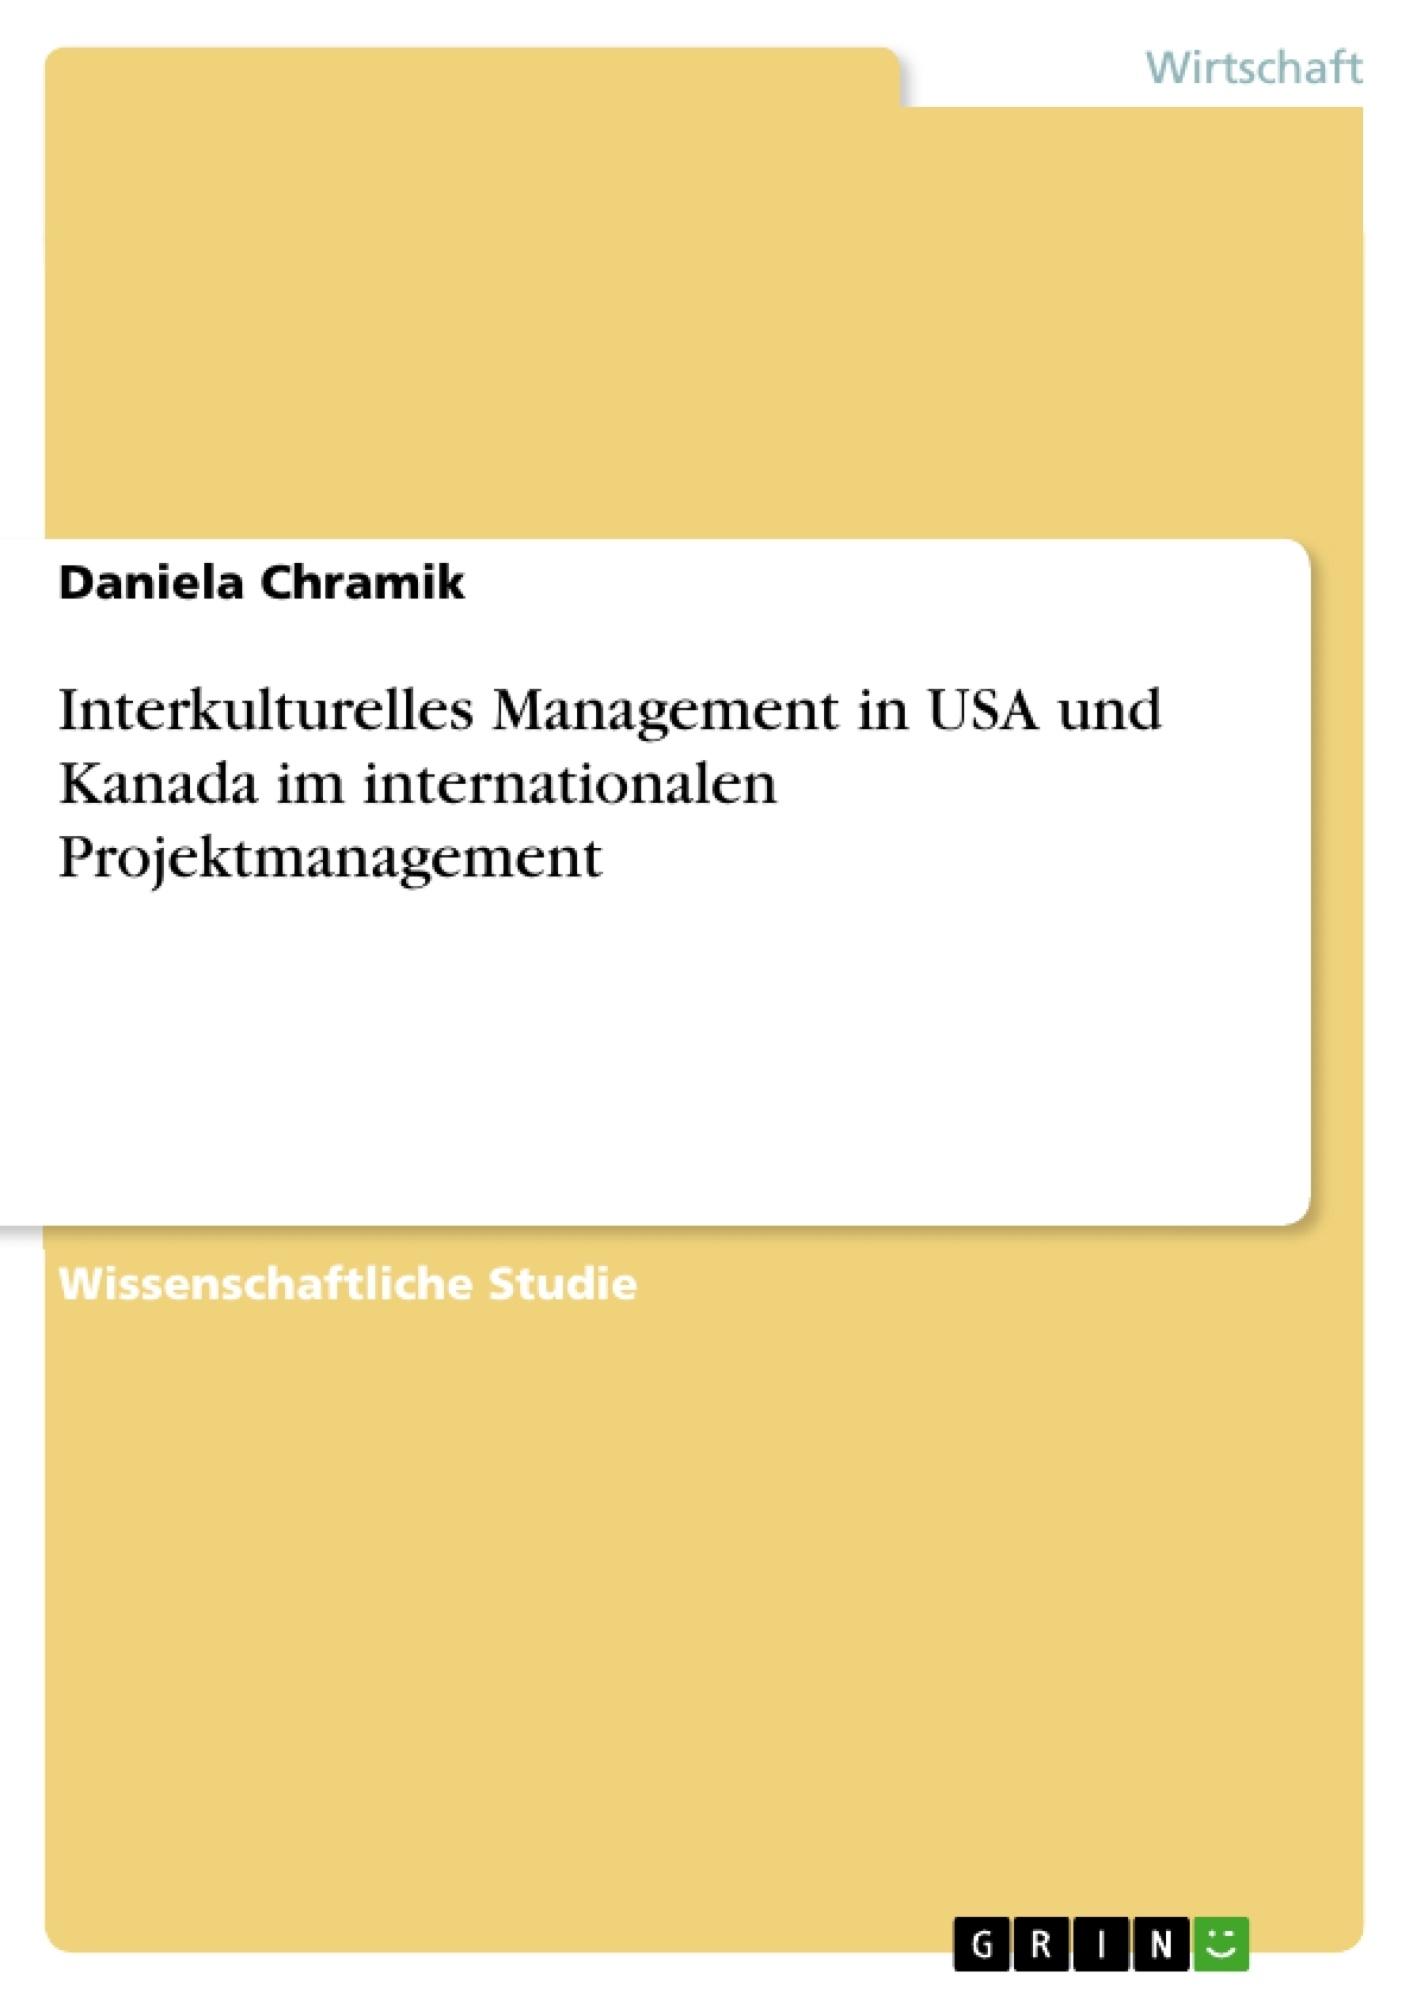 Titel: Interkulturelles Management in USA und Kanada im internationalen Projektmanagement